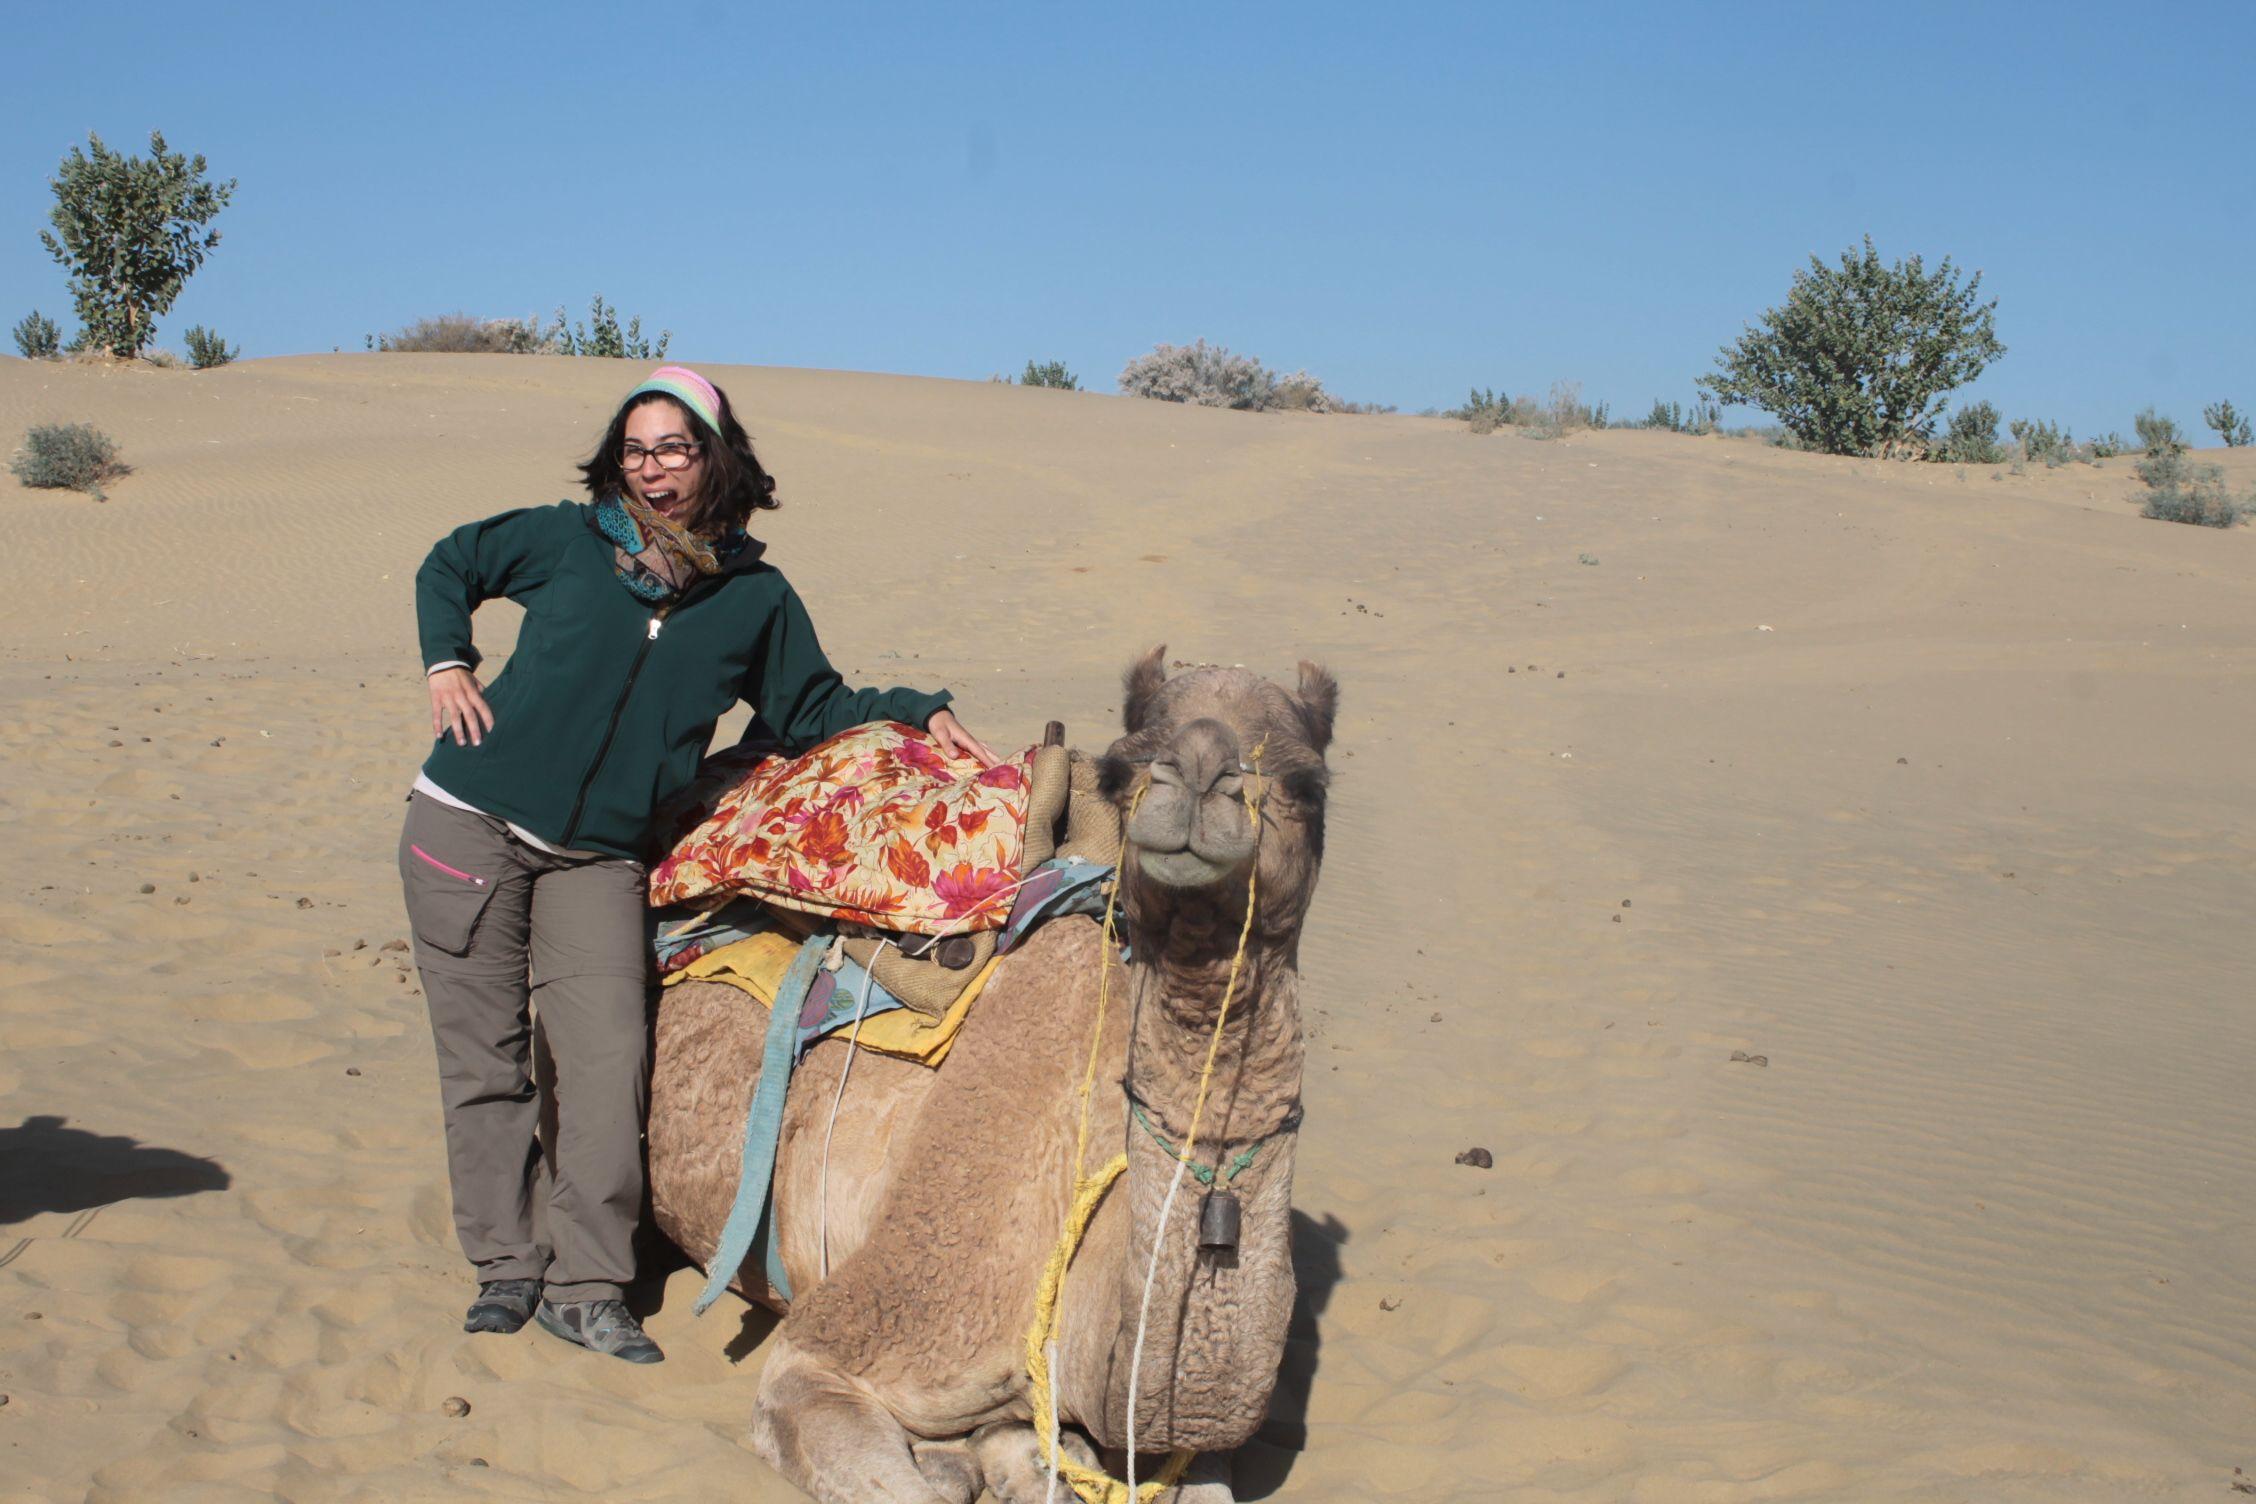 Roser triumfante junto a su camello